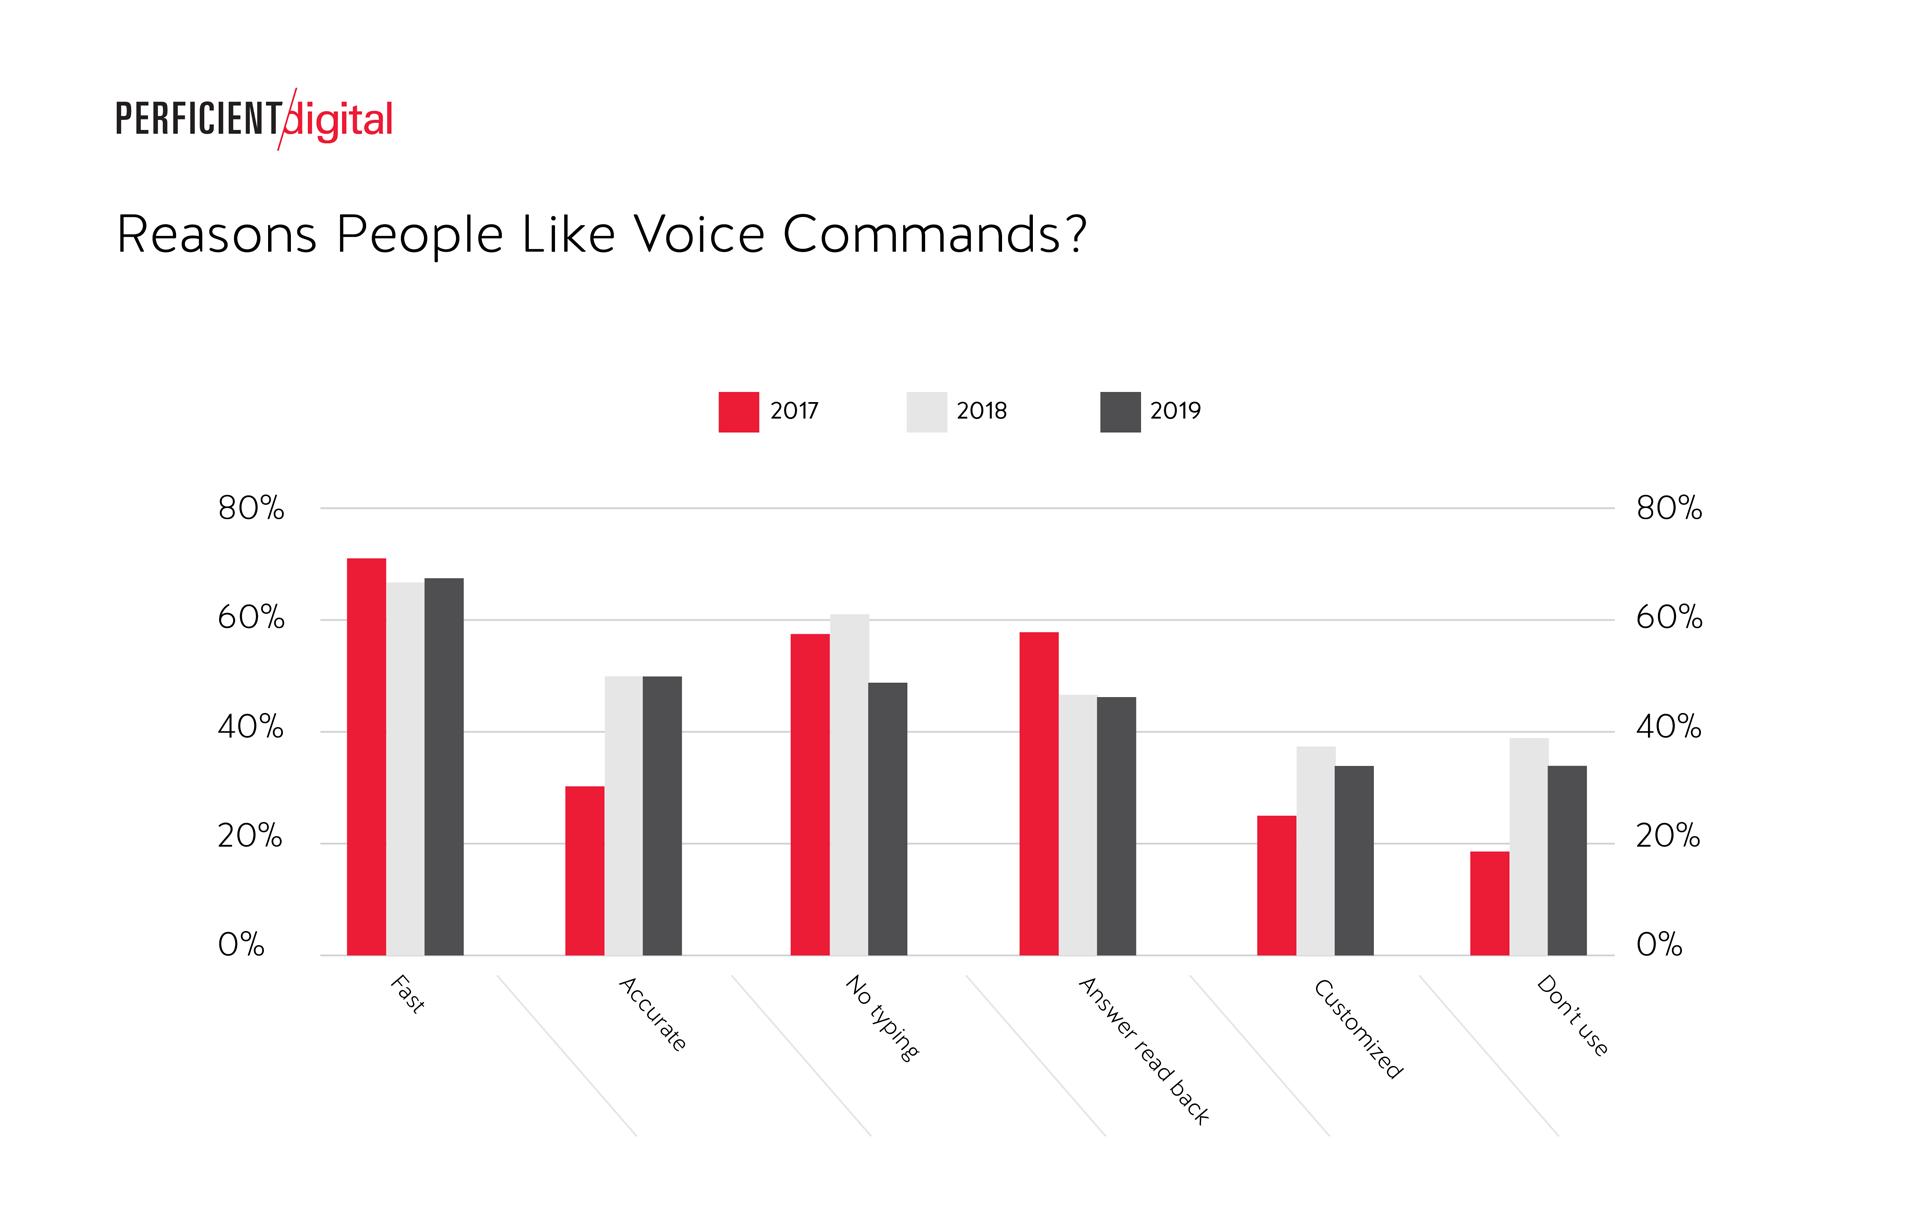 Raisons les plus appréciées pour l'utilisation de la commande vocale